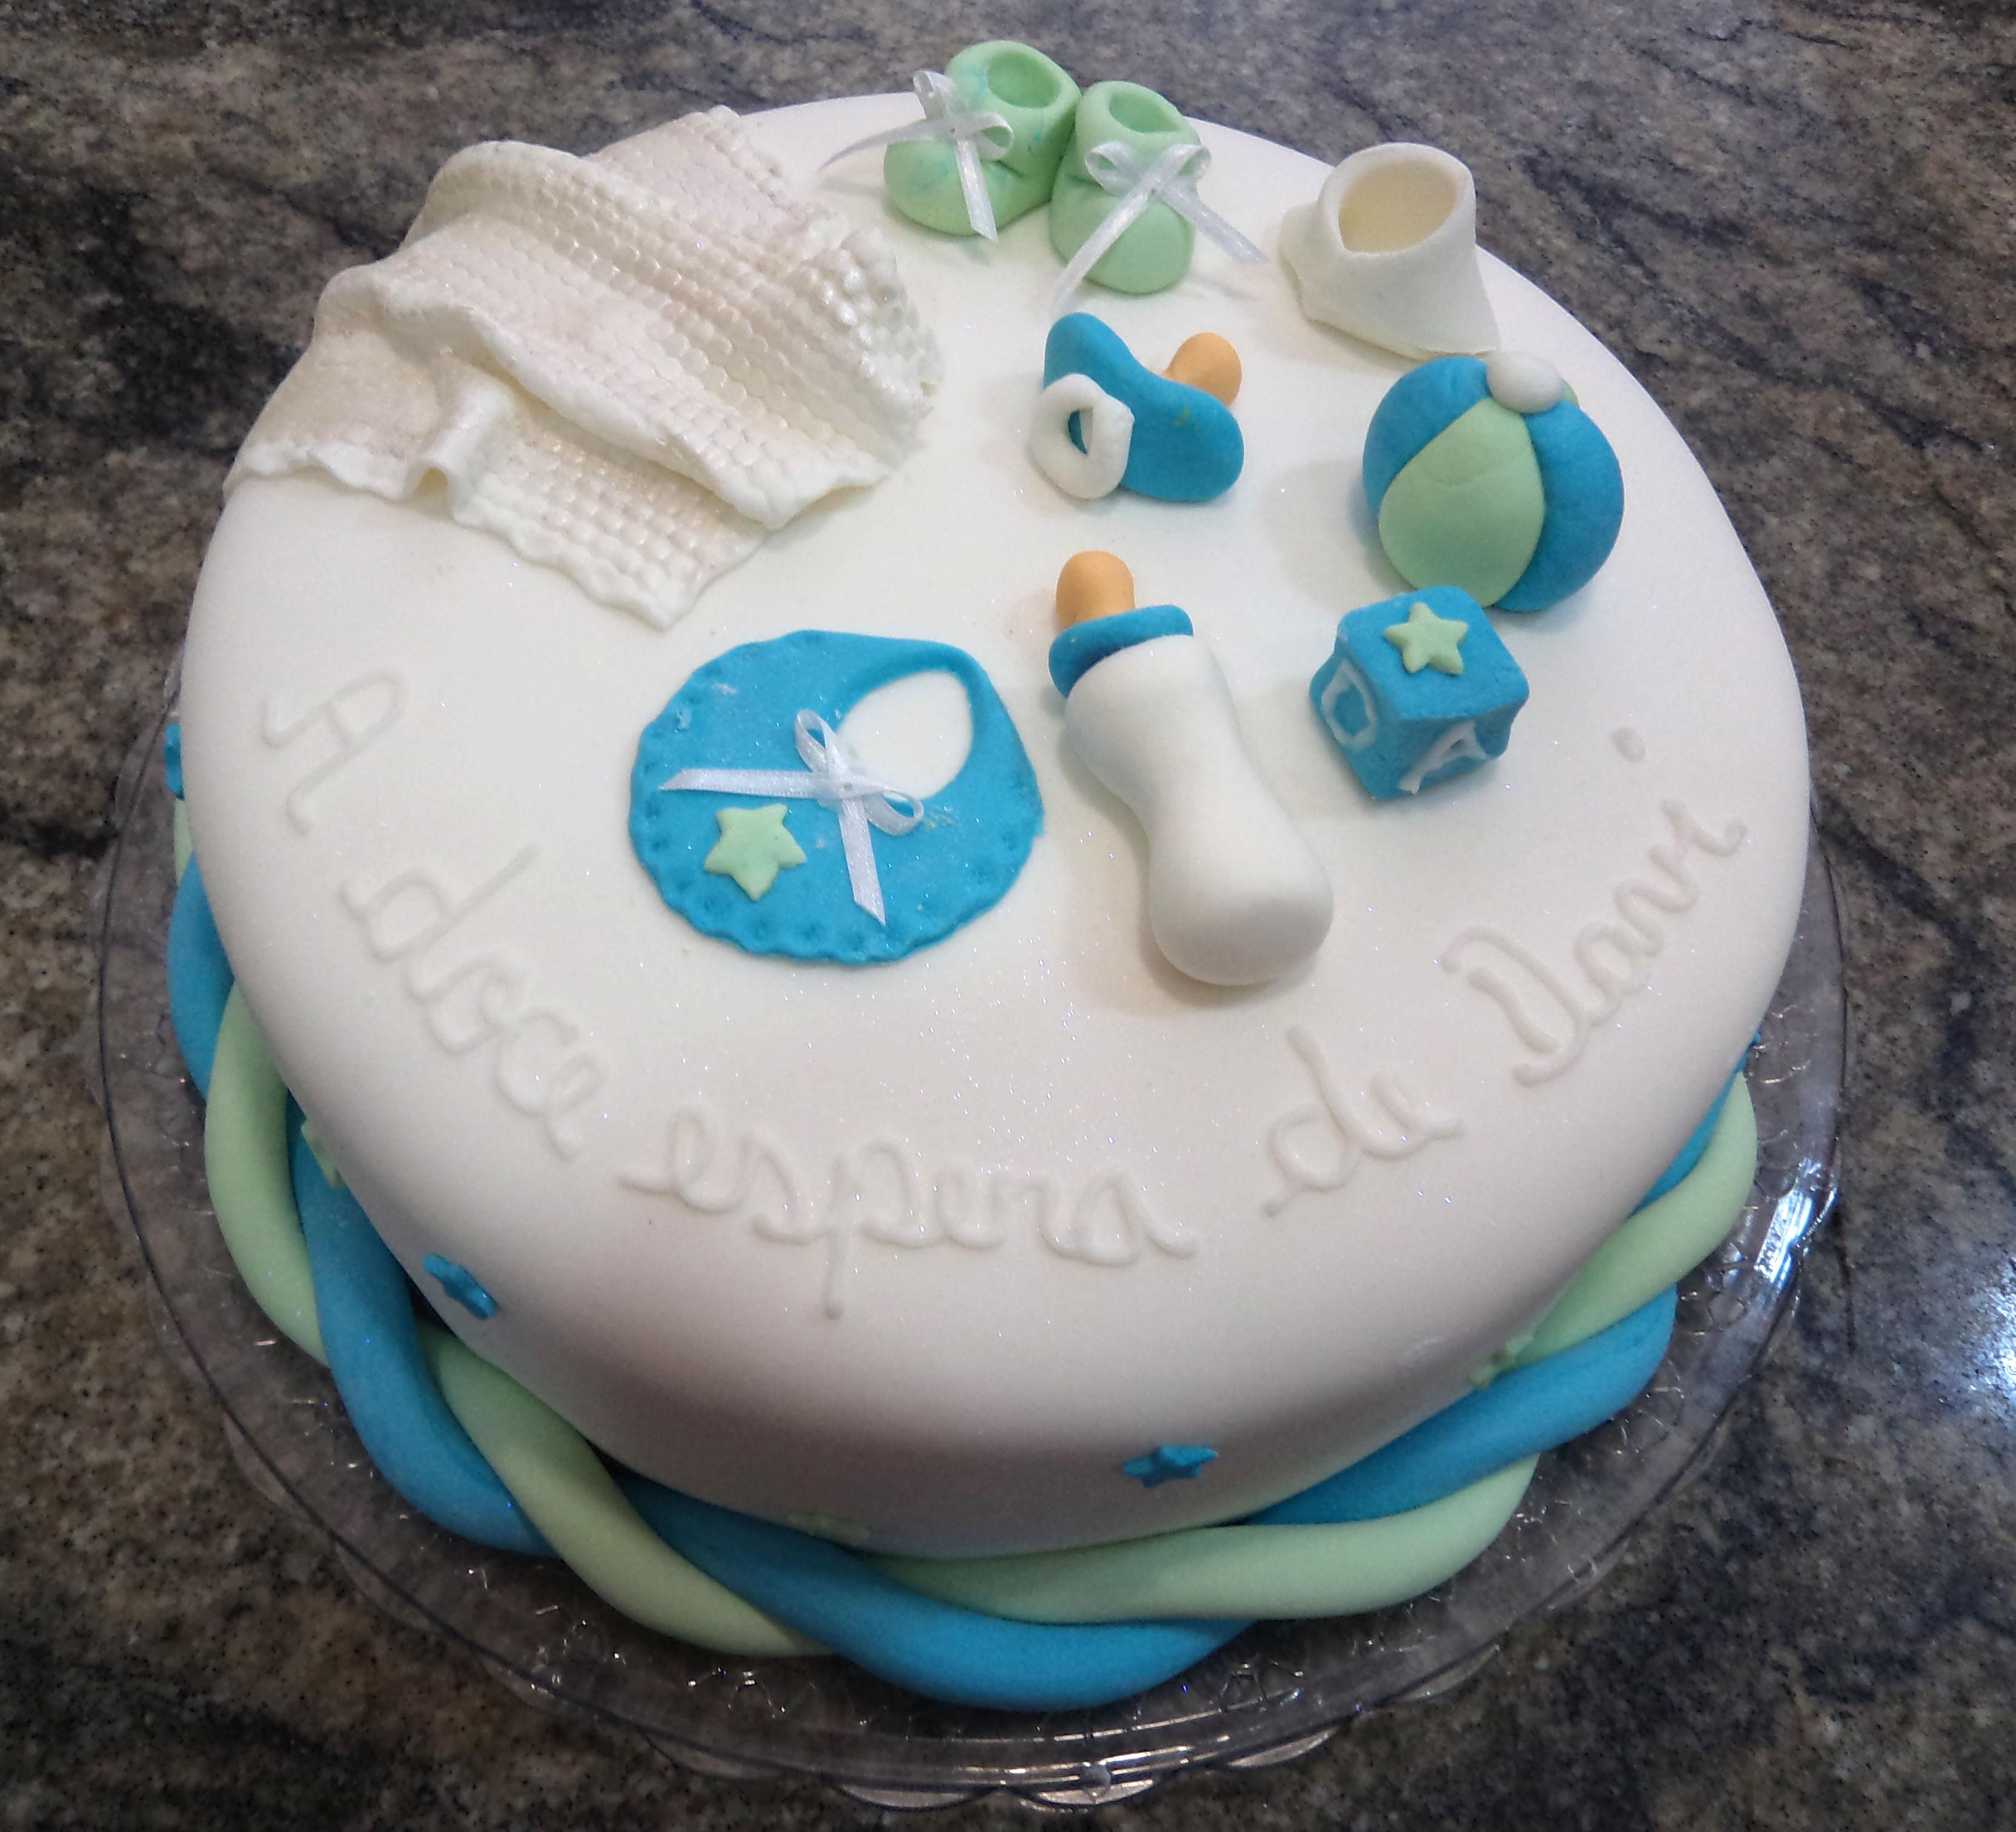 bolo-decorado-cha-de-bebe